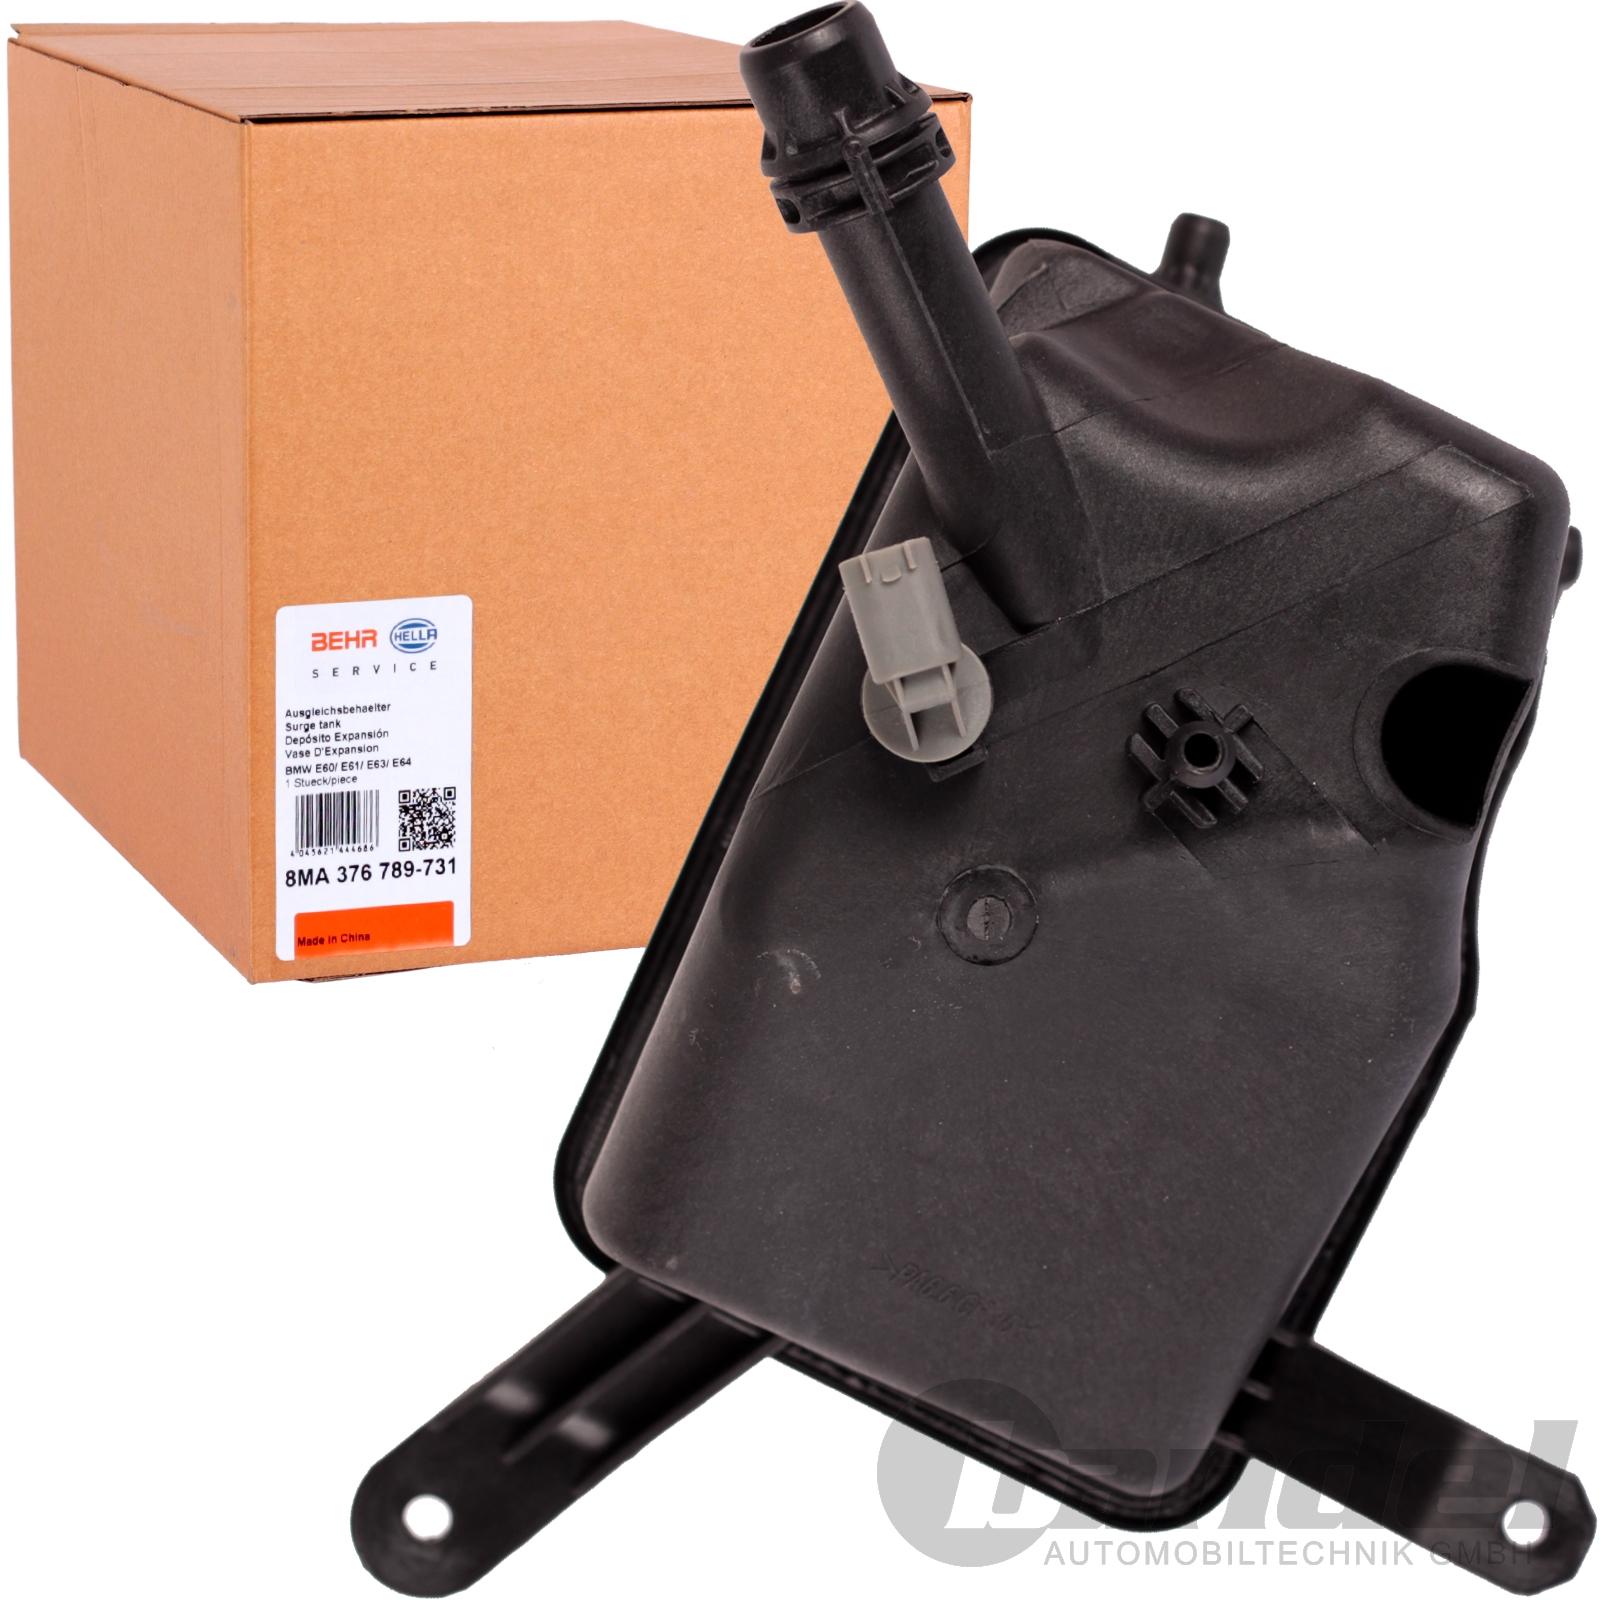 für Mazda KIA Ford USA Lagersatz 2x Radlagersatz Vornekfzteile24 u.a